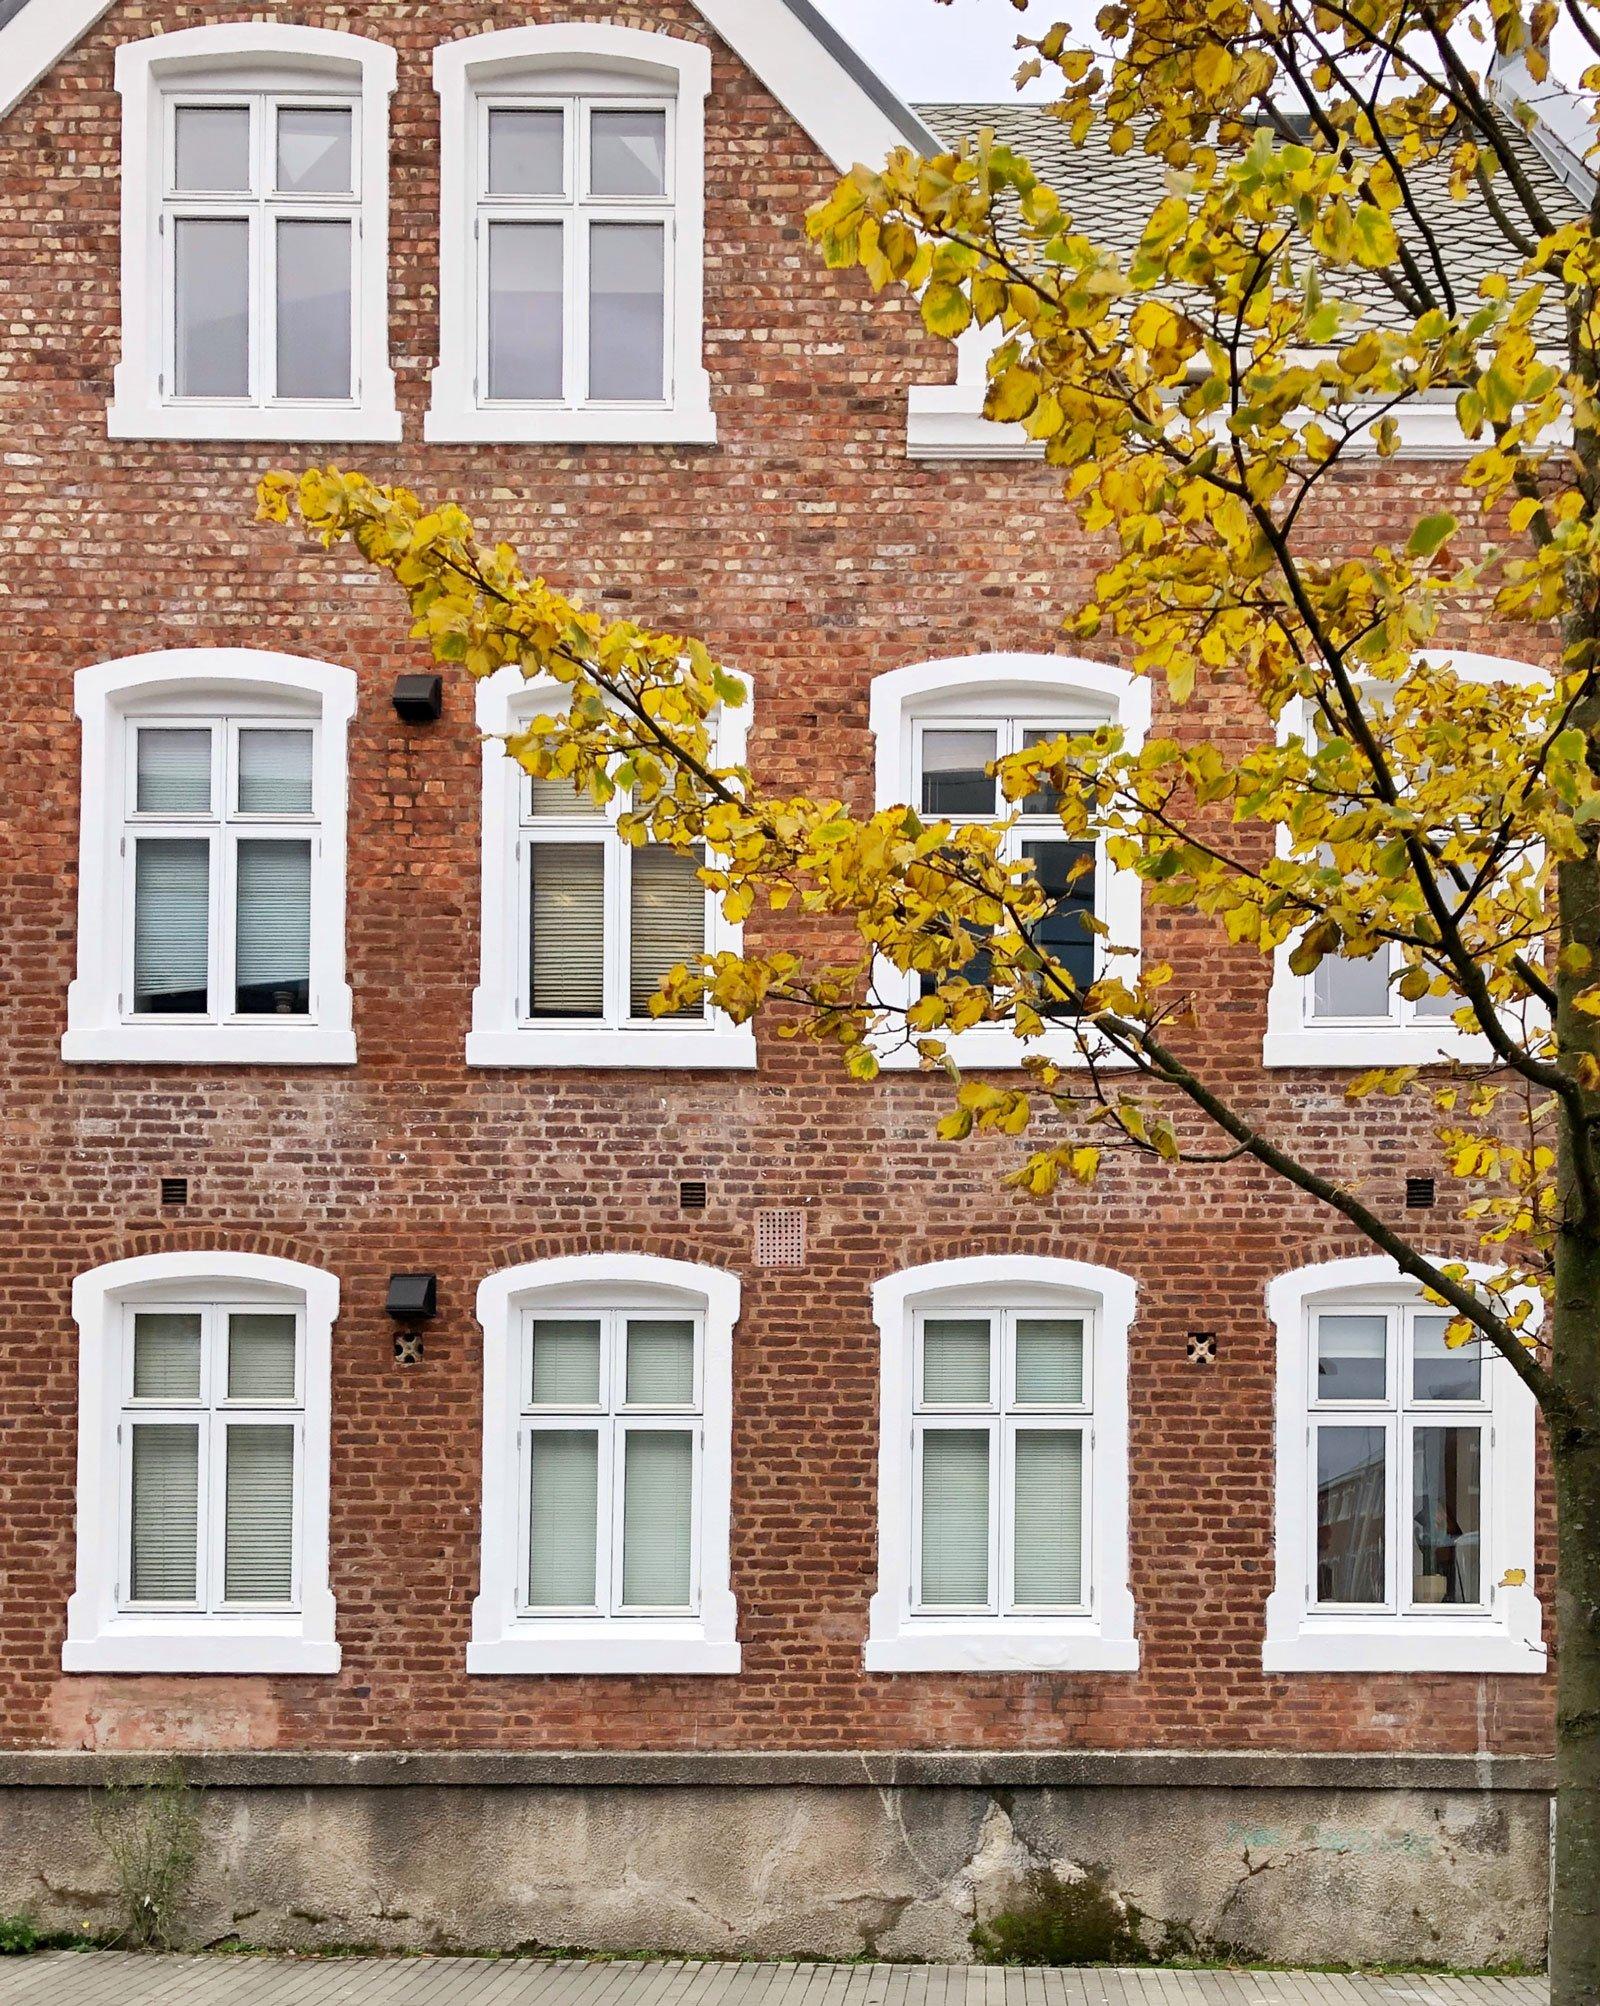 stavanger norway house hygge autumn